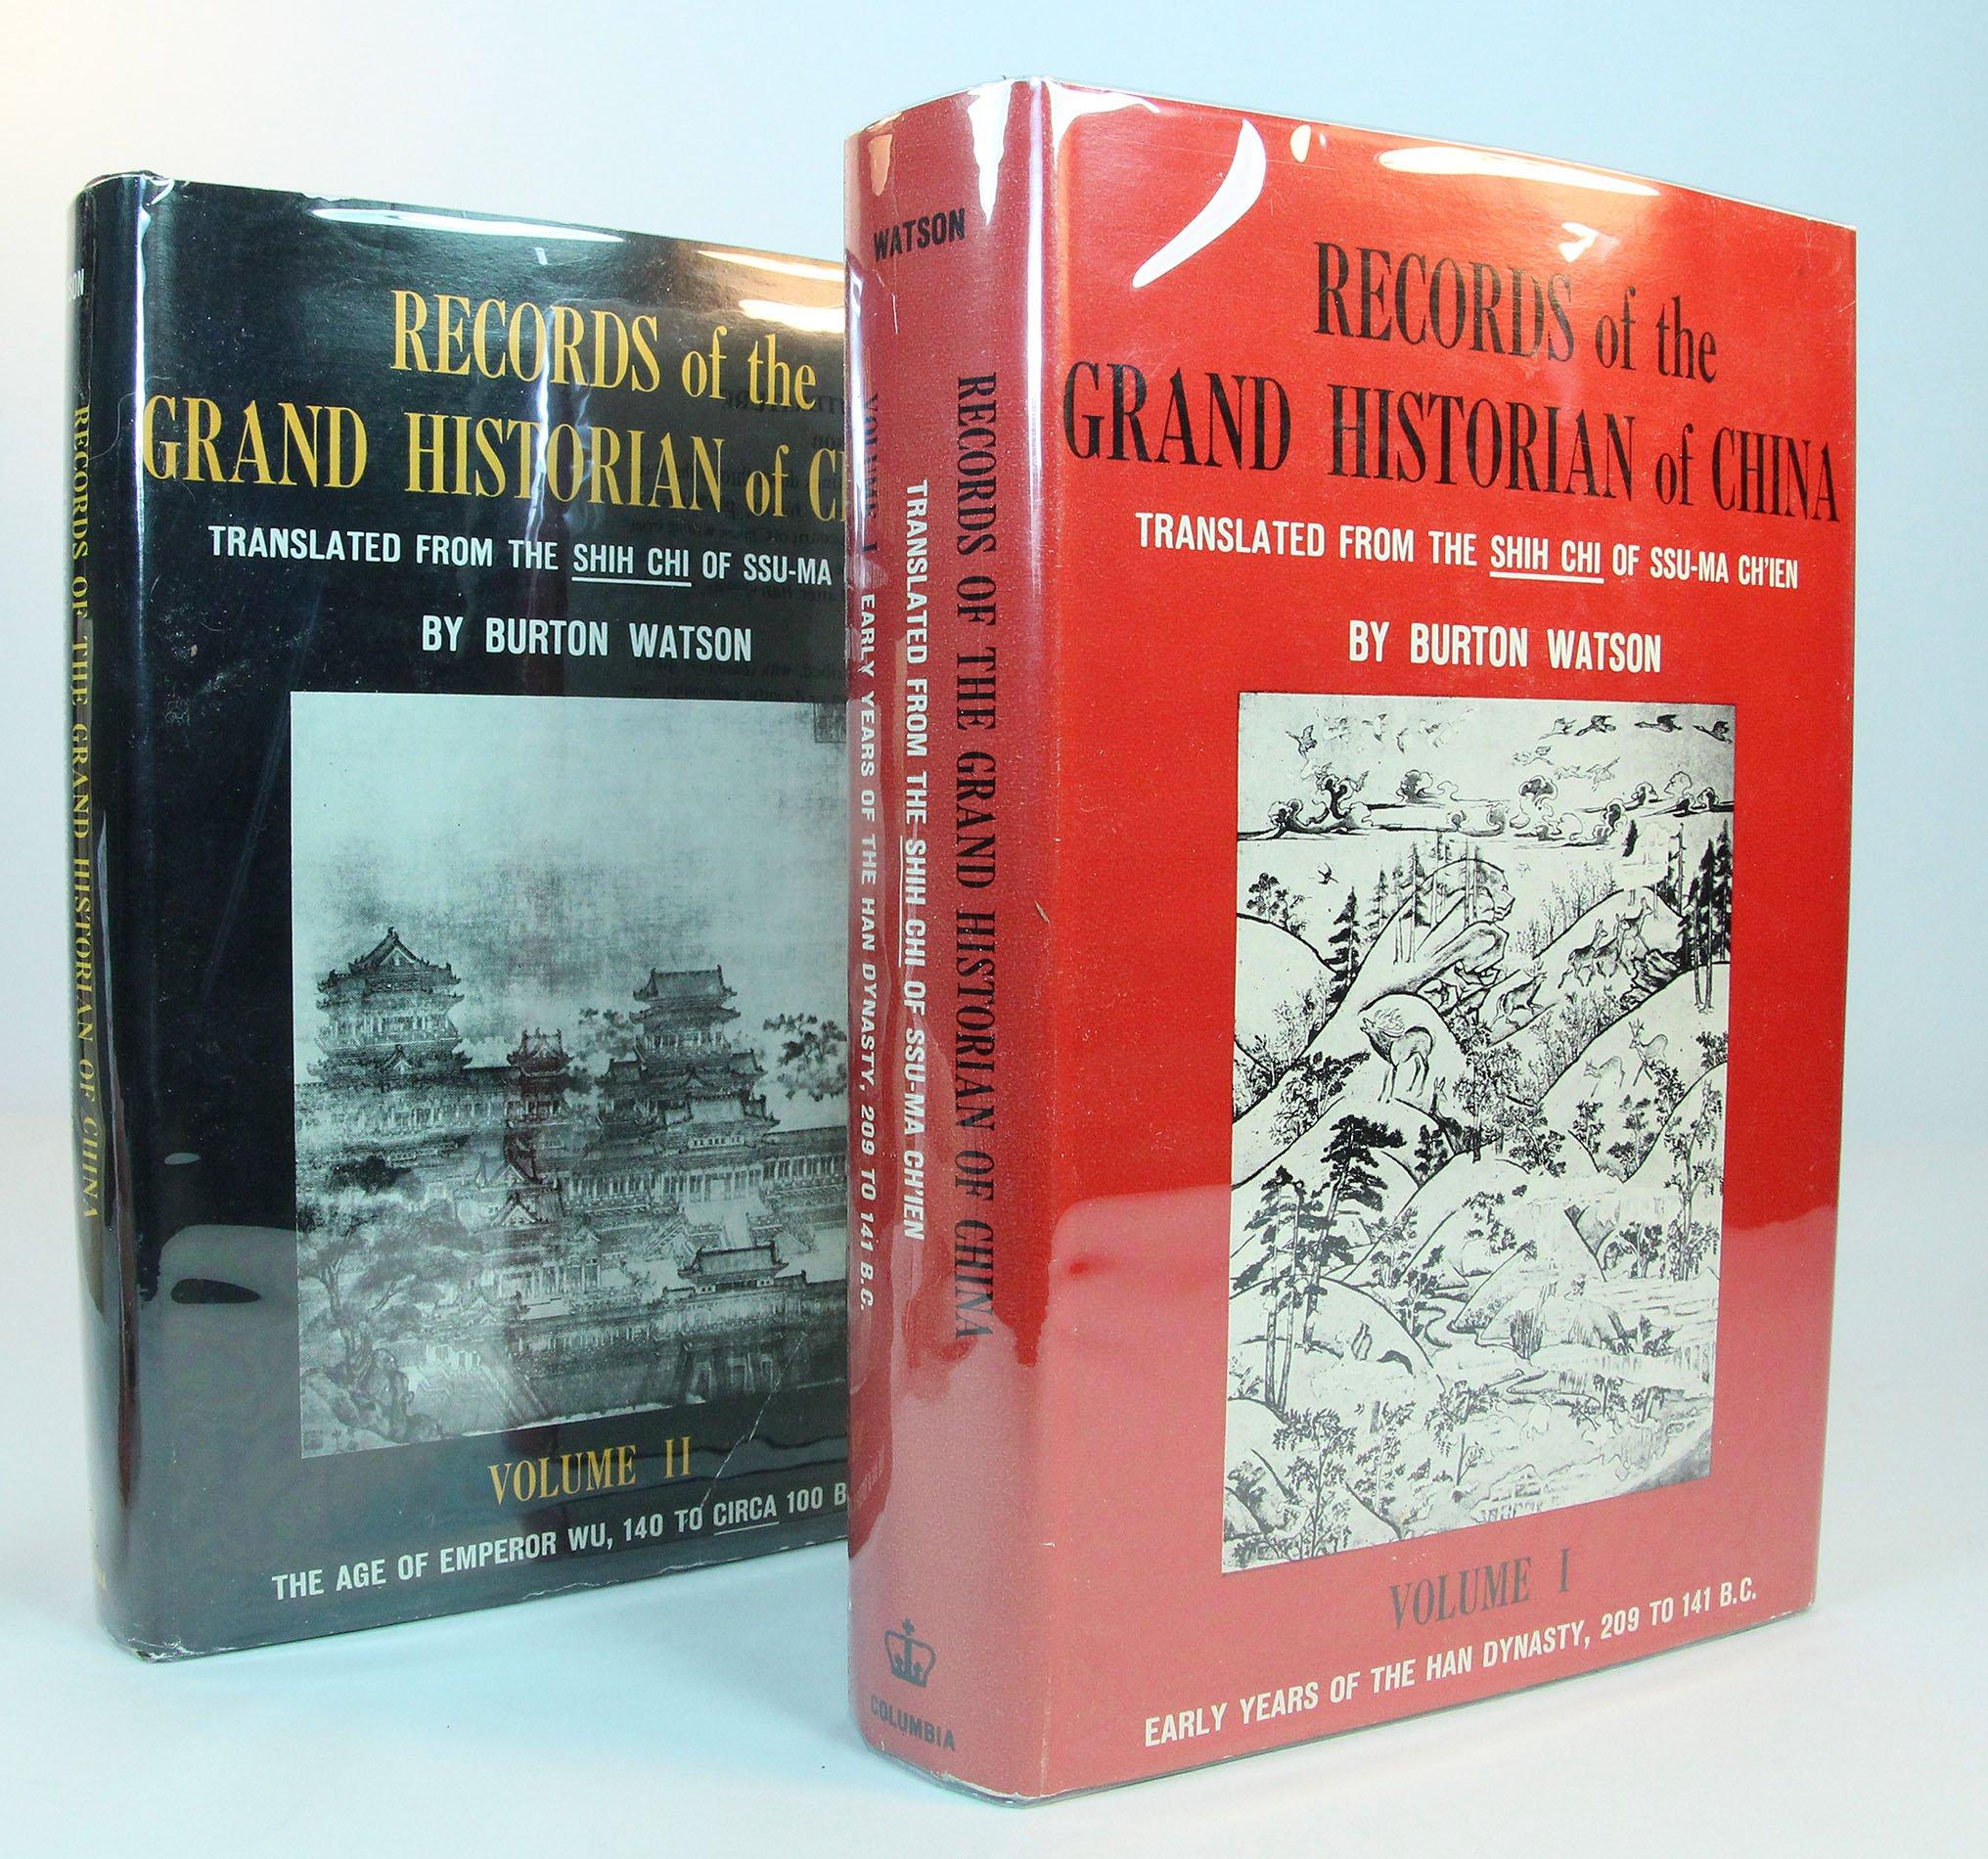 ssu ma chien grand historian of china